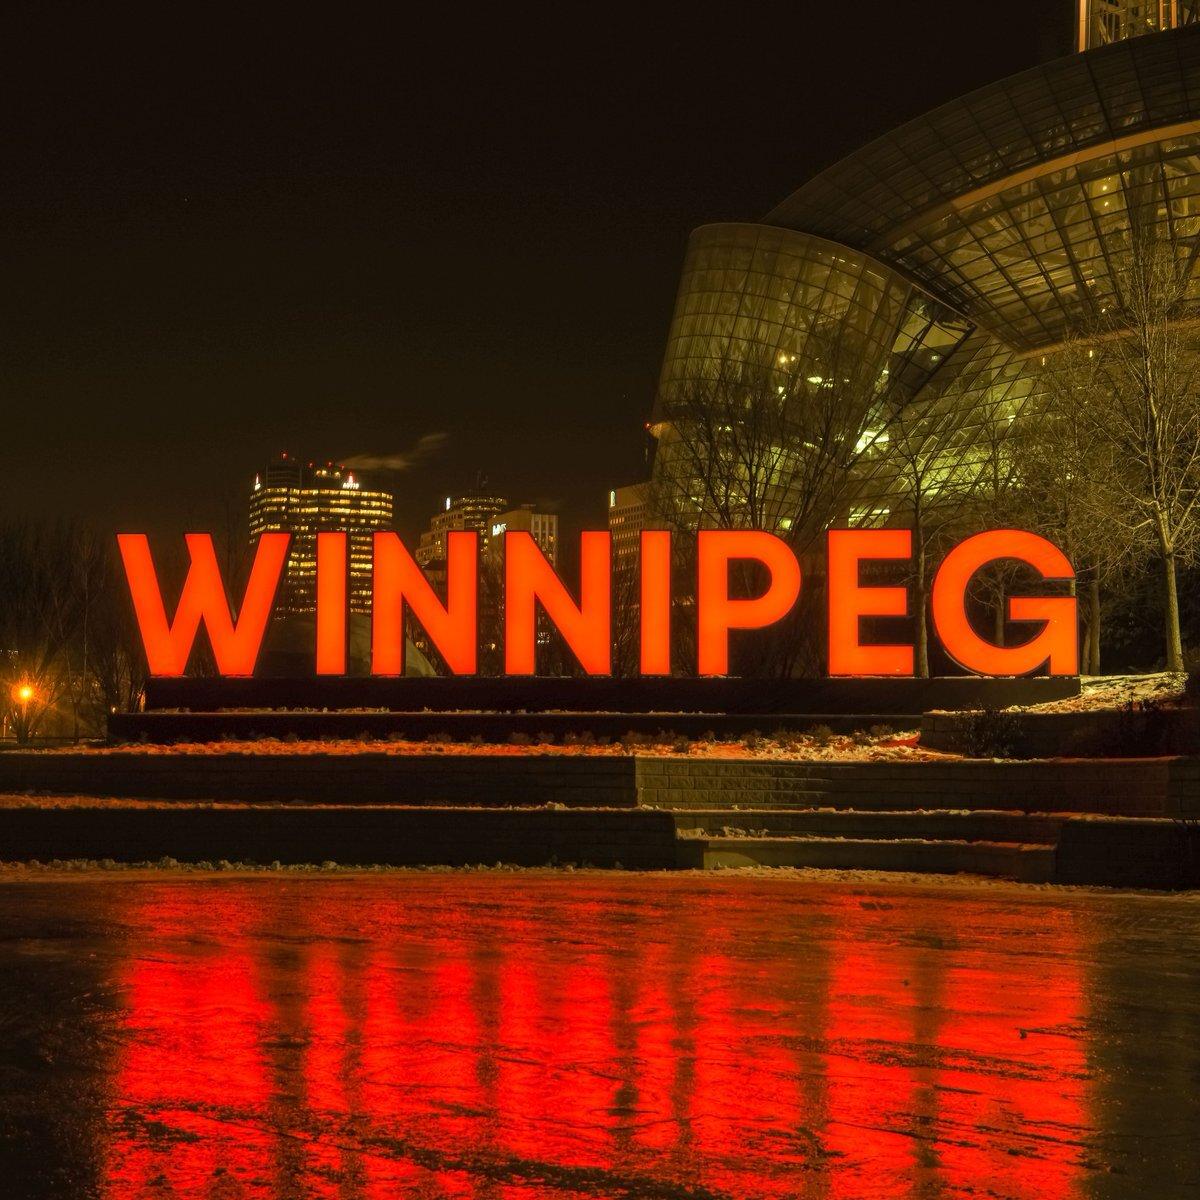 Copy of Winnipeg 3D sign, MB - Oct 26